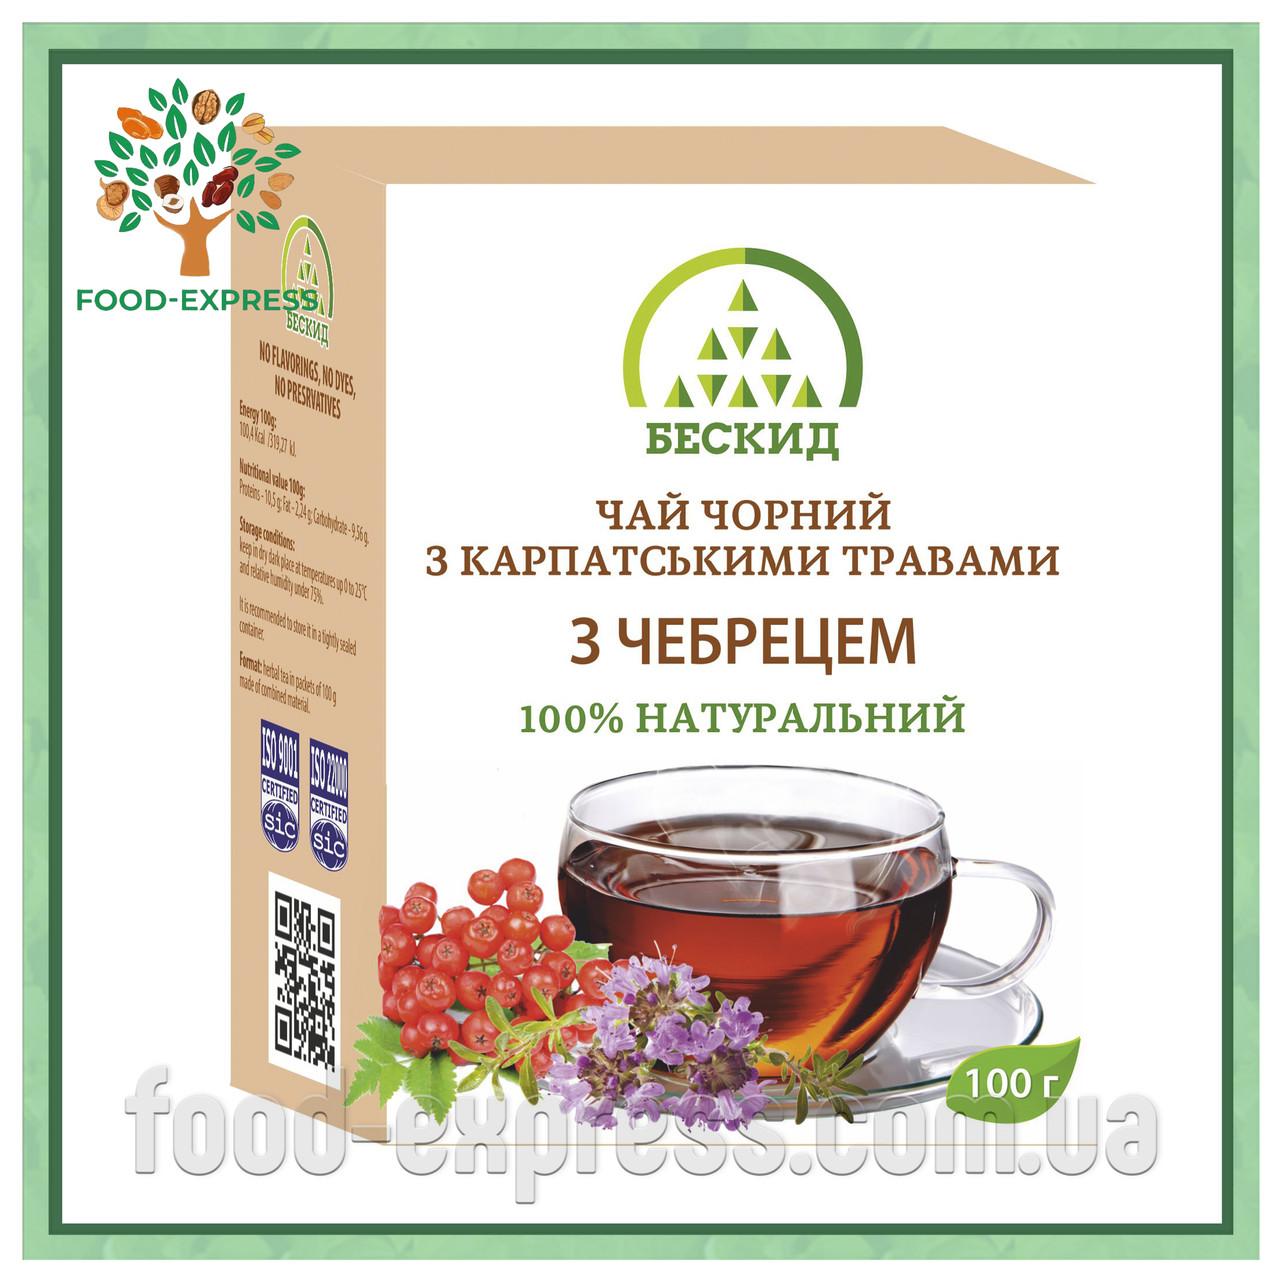 Чай чорний з карпатськими травами «З чебрецем» 100г